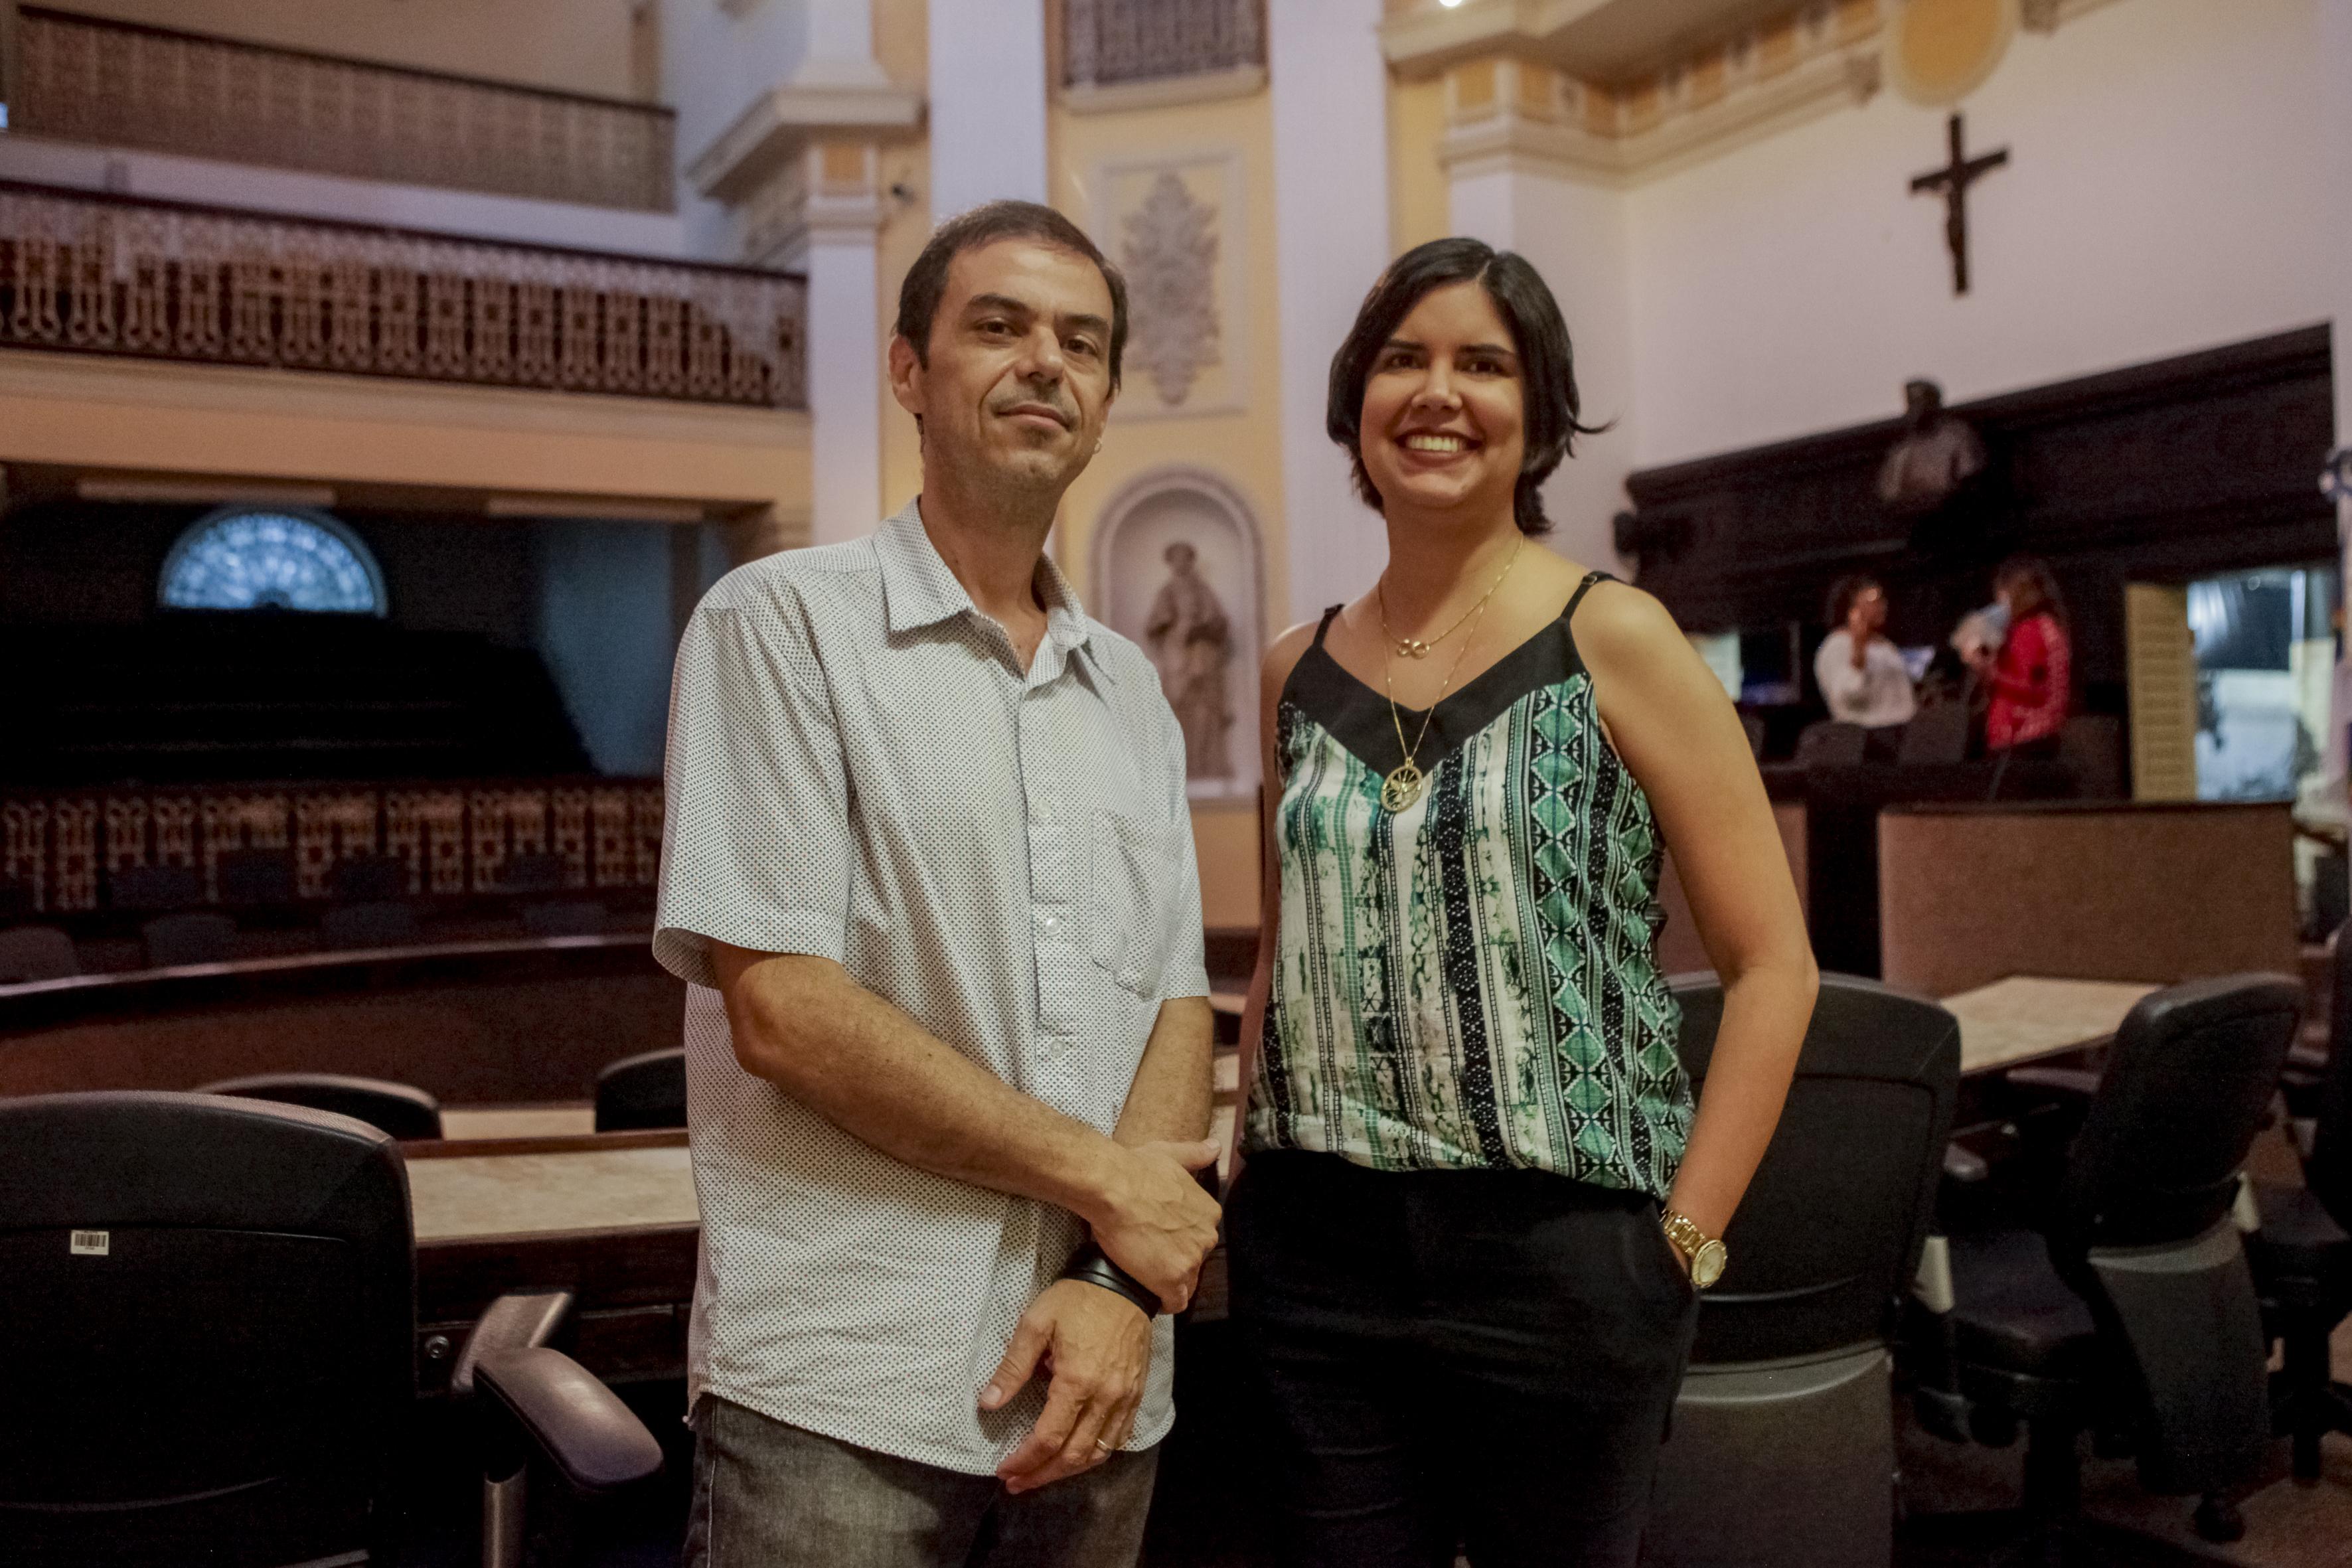 Cynthia Morato e Sérgio Montenegro Filho - Crédito: Divulgação